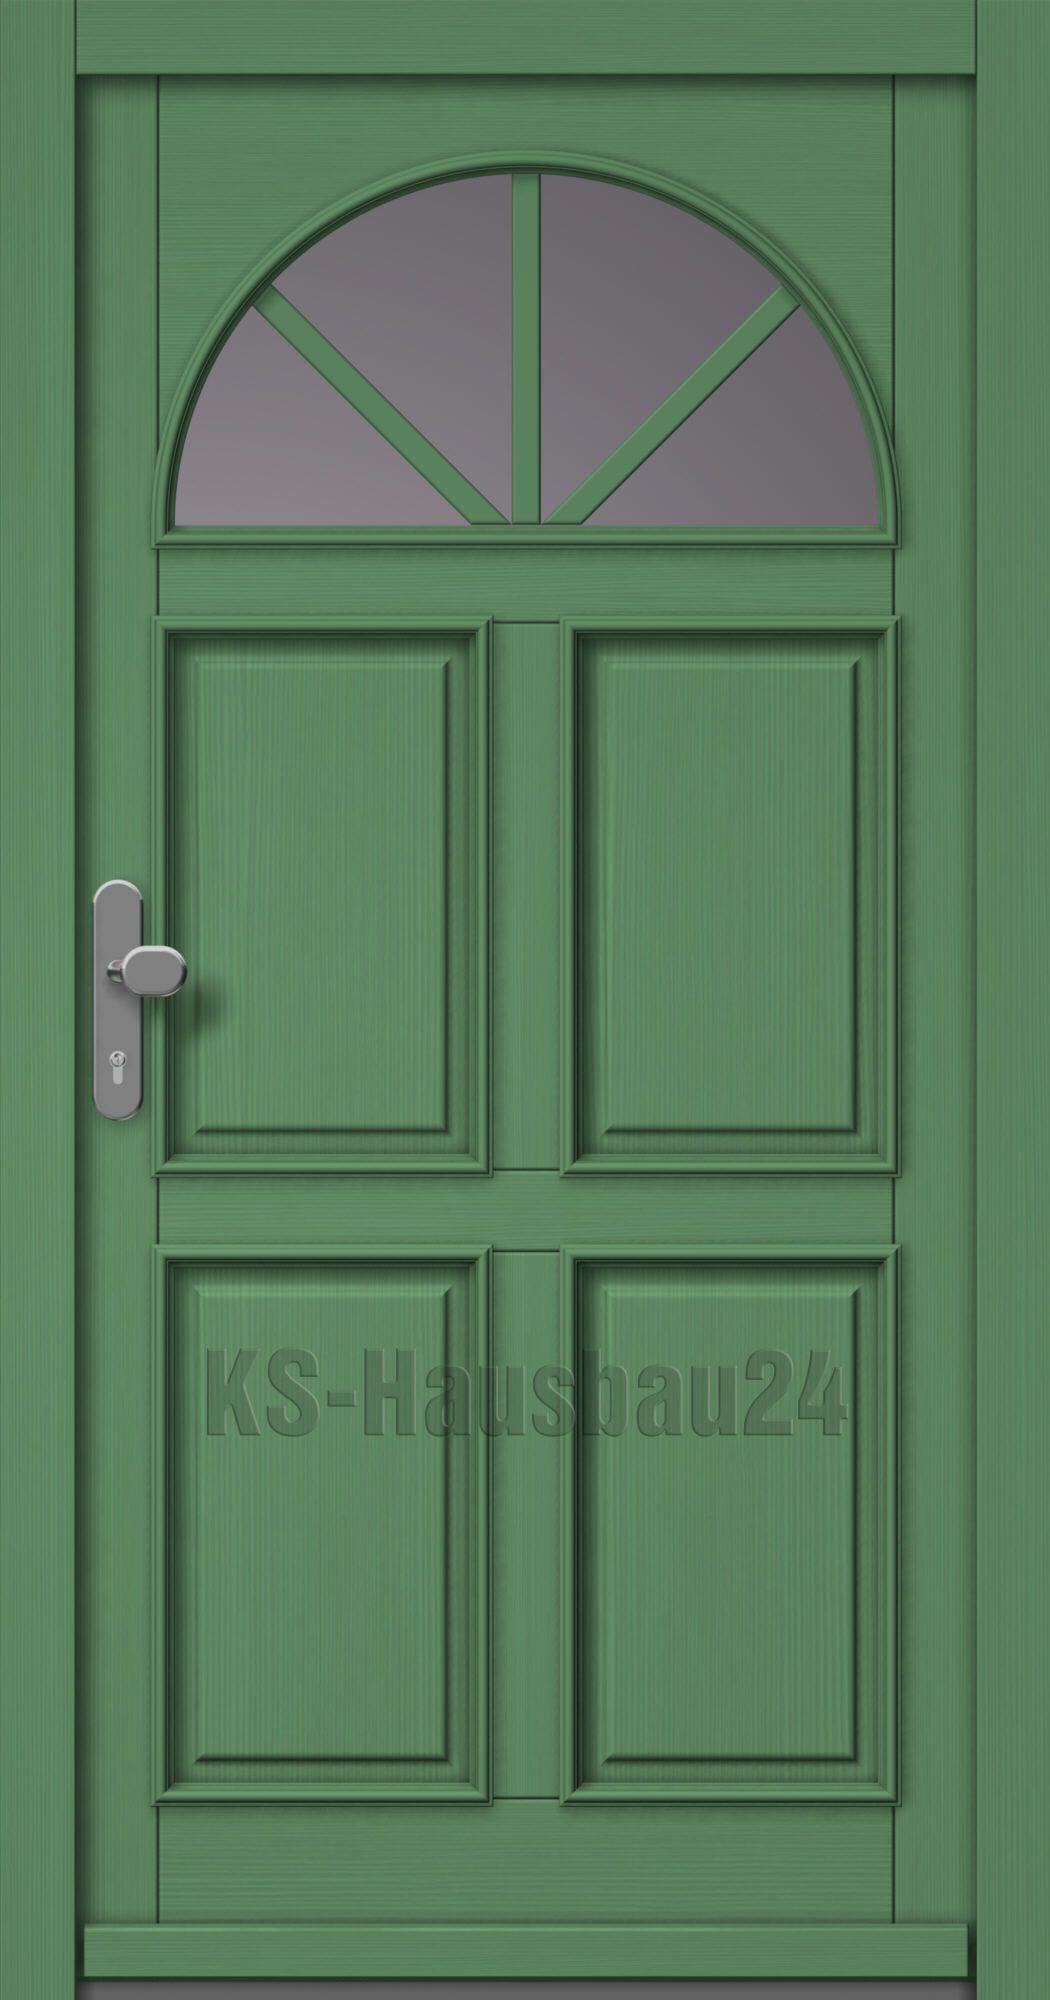 Haustüren Holz Landhaus haustüre holz modell ks d 600 landhausstil günstige preise türen